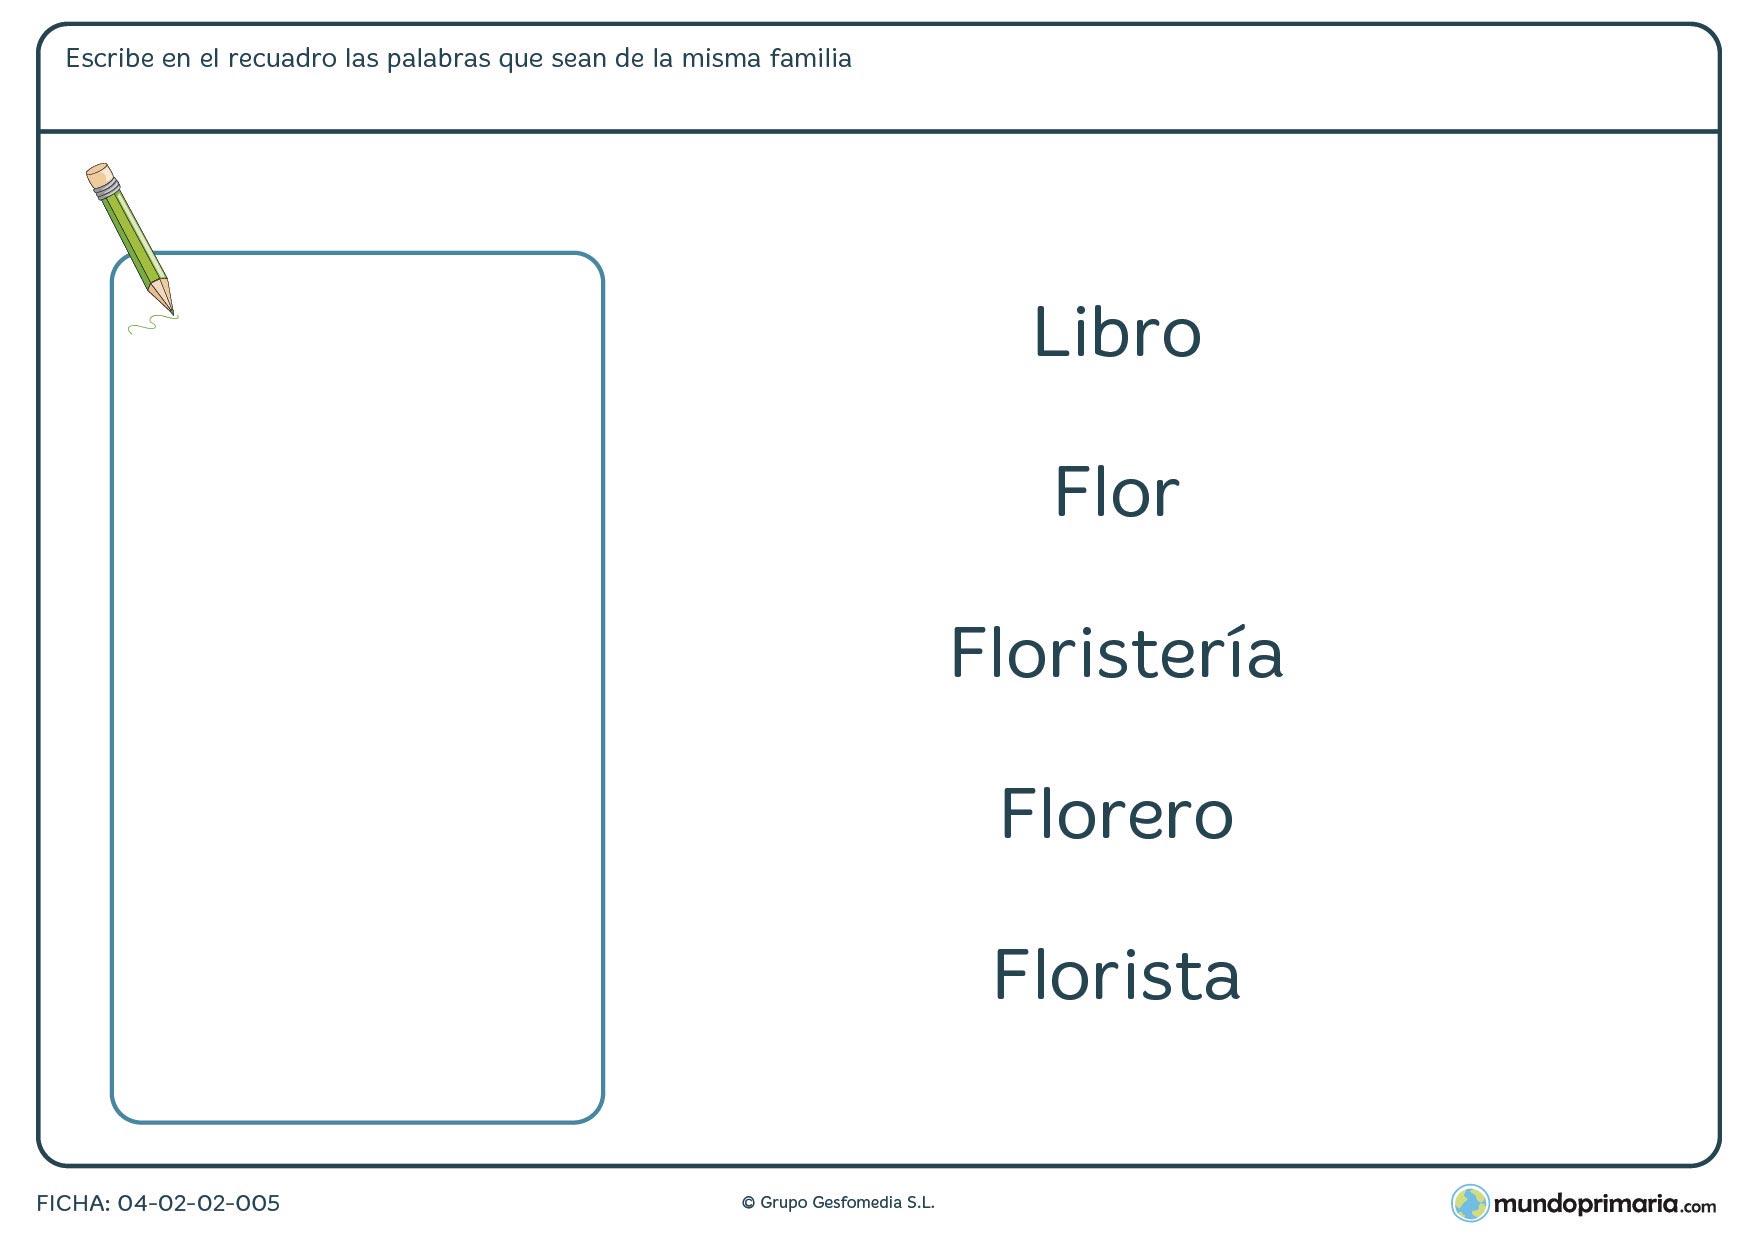 Ficha de aprender familias de palabras para niños de 7 a 8 años en la que tendrás que escribir dentro del recuadro aquellas palabras que sean de la misma familia.